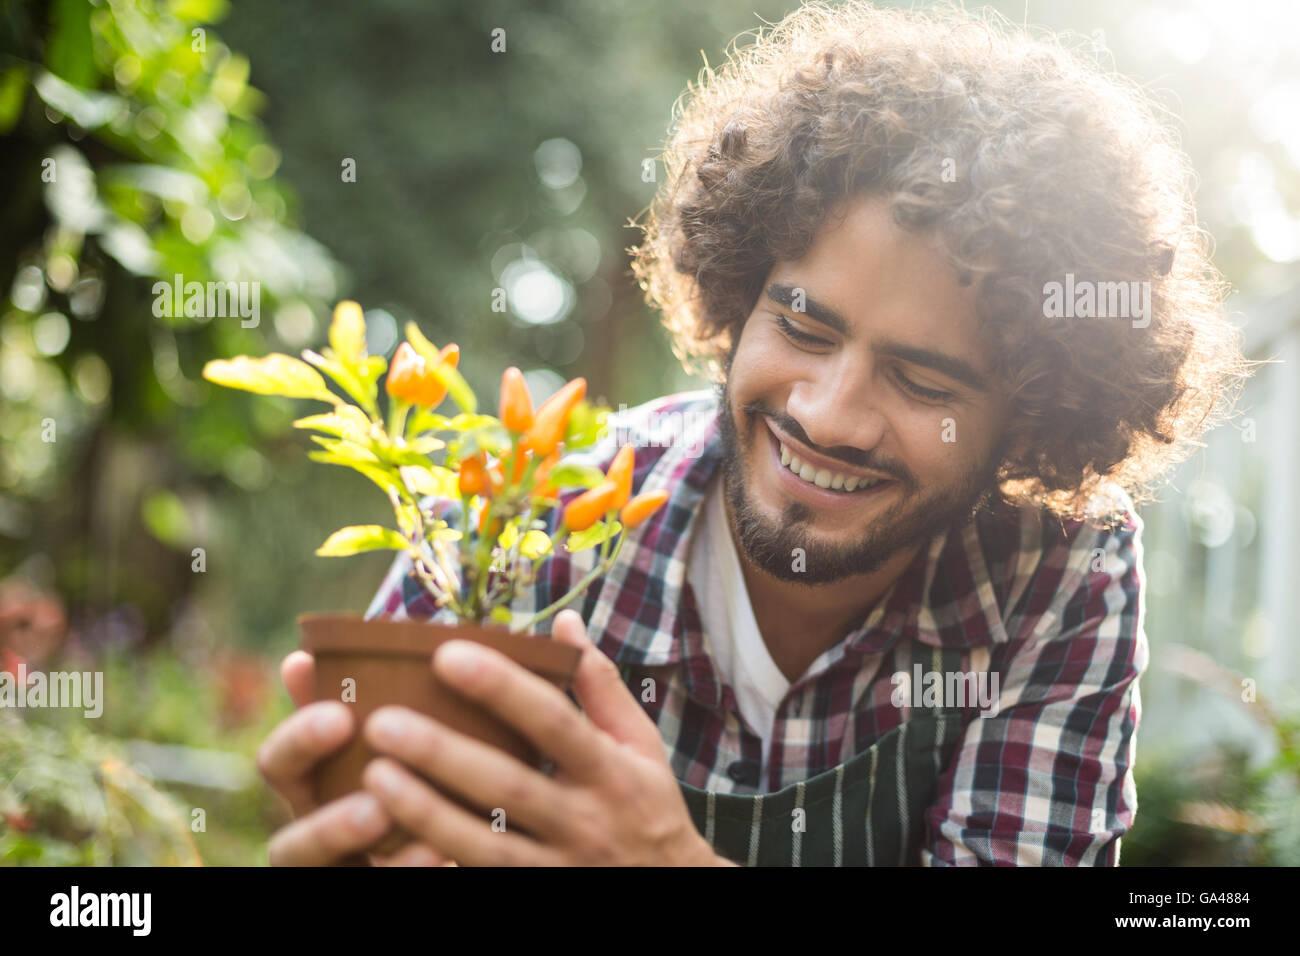 Celebración del jardinero maceta fuera de gases Imagen De Stock